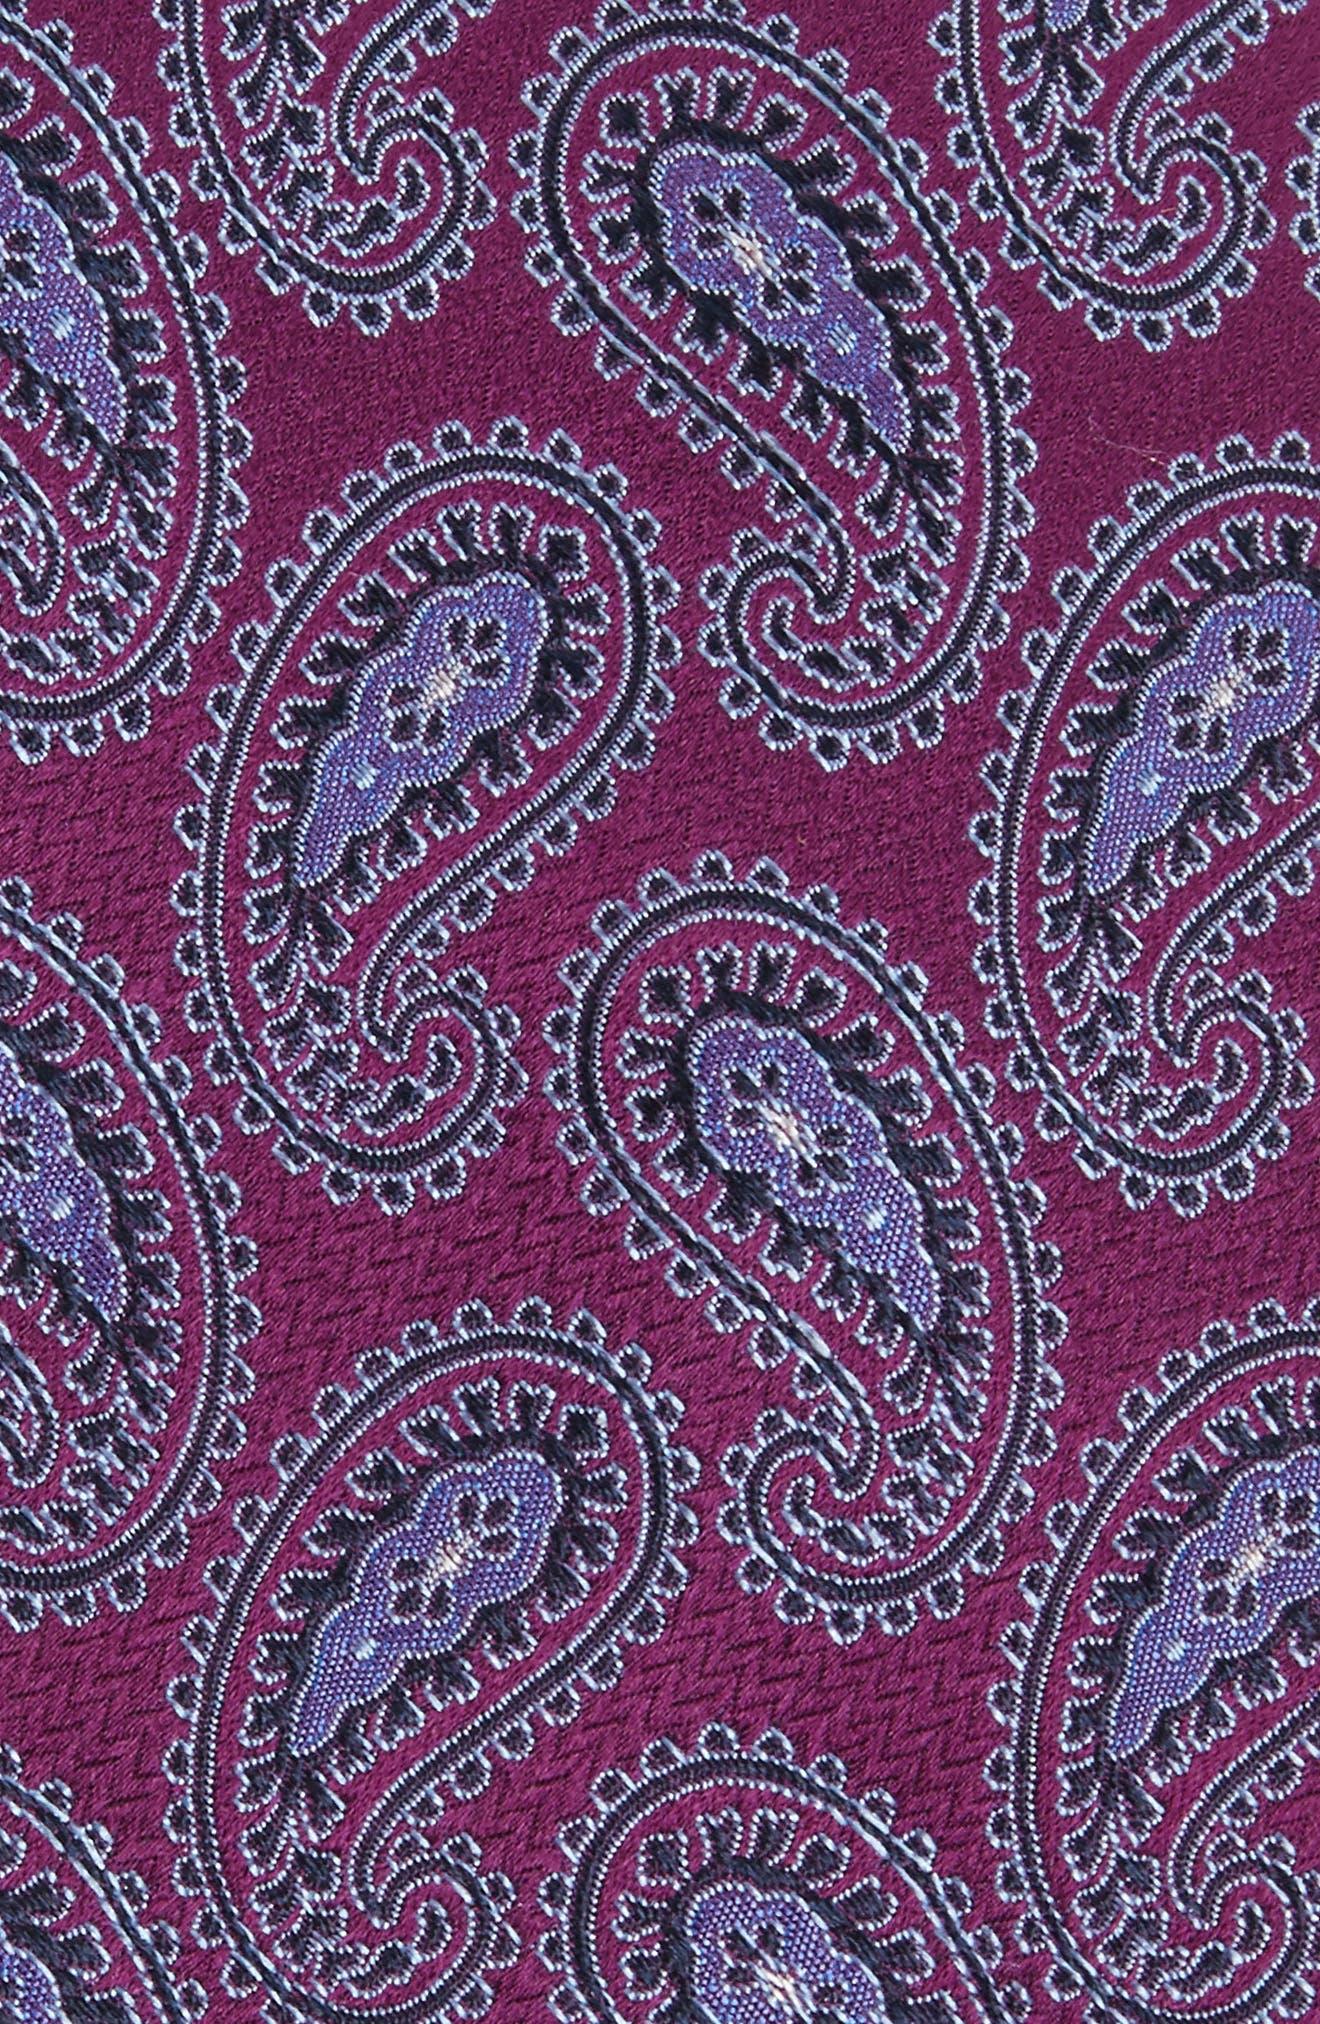 Provincial Pines Paisley Silk Tie,                             Alternate thumbnail 2, color,                             Blue Violet